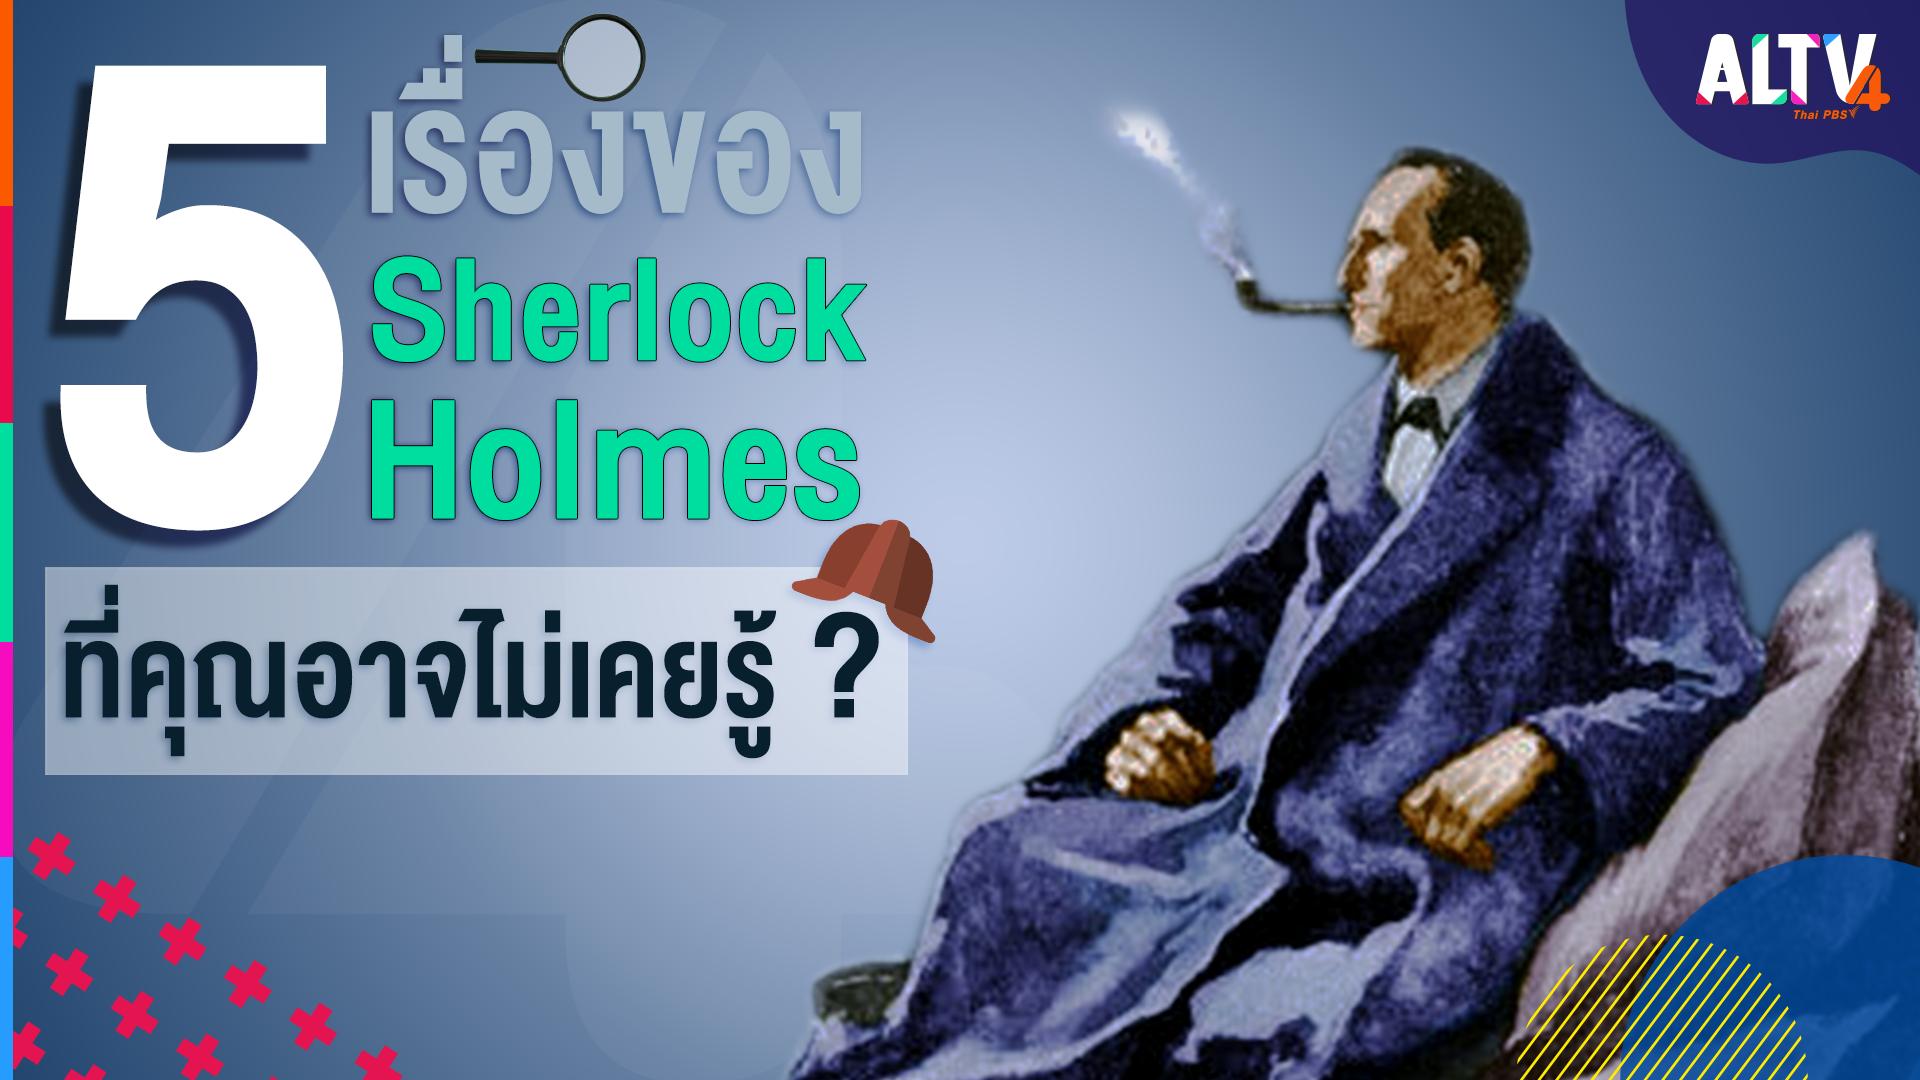 5 เรื่องที่คุณอาจไม่เคยรู้เกี่ยวกับ เชอร์ล็อก โฮมส์ (Sherlock Holmes)